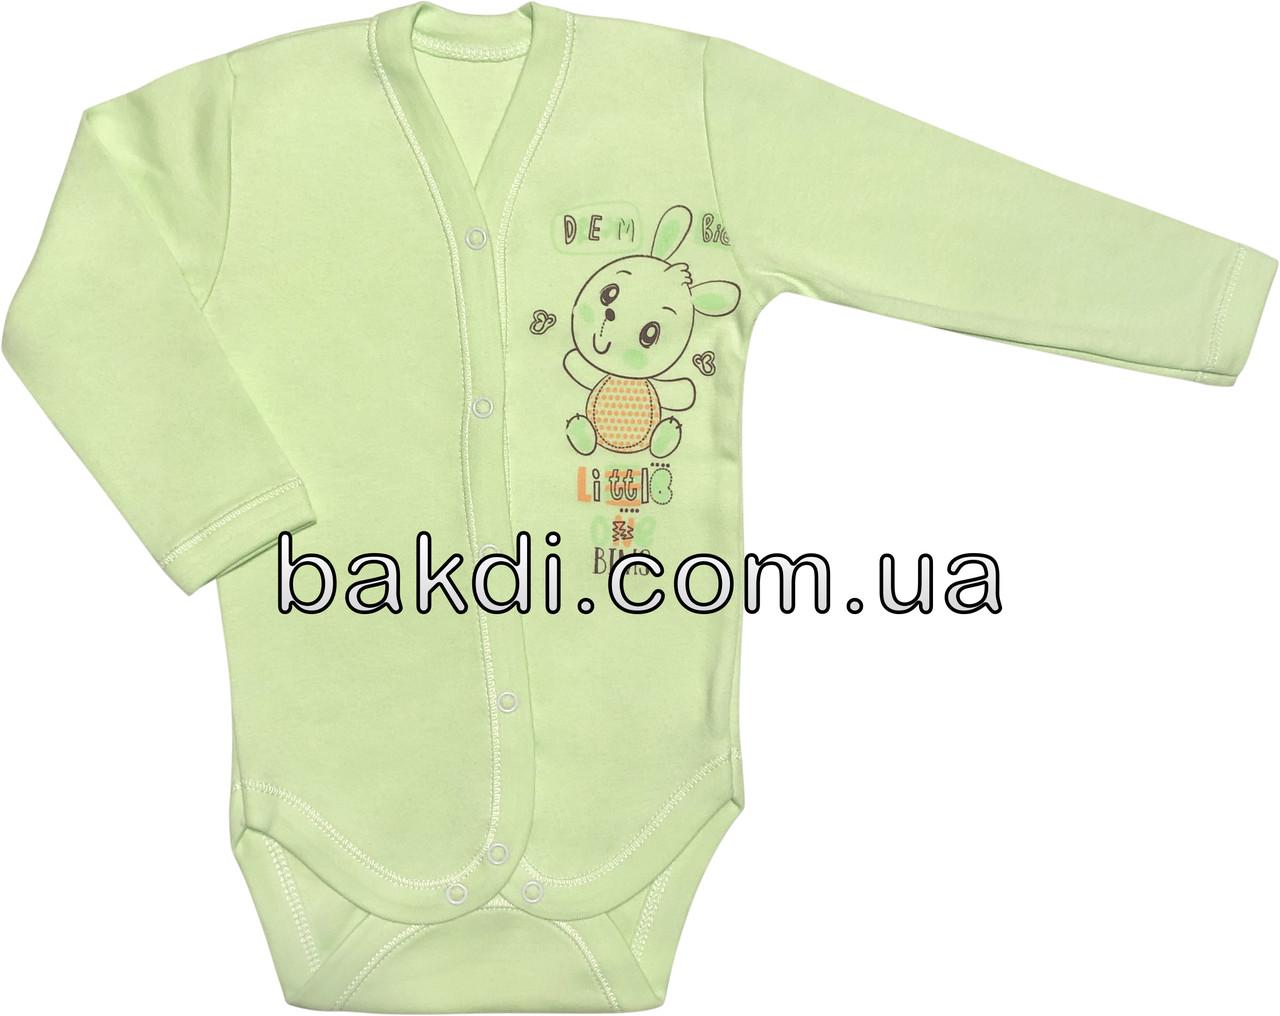 Детское боди для новорожденных рост 80 9-12 мес на мальчика девочку трикотажное с длинным рукавом салатовое